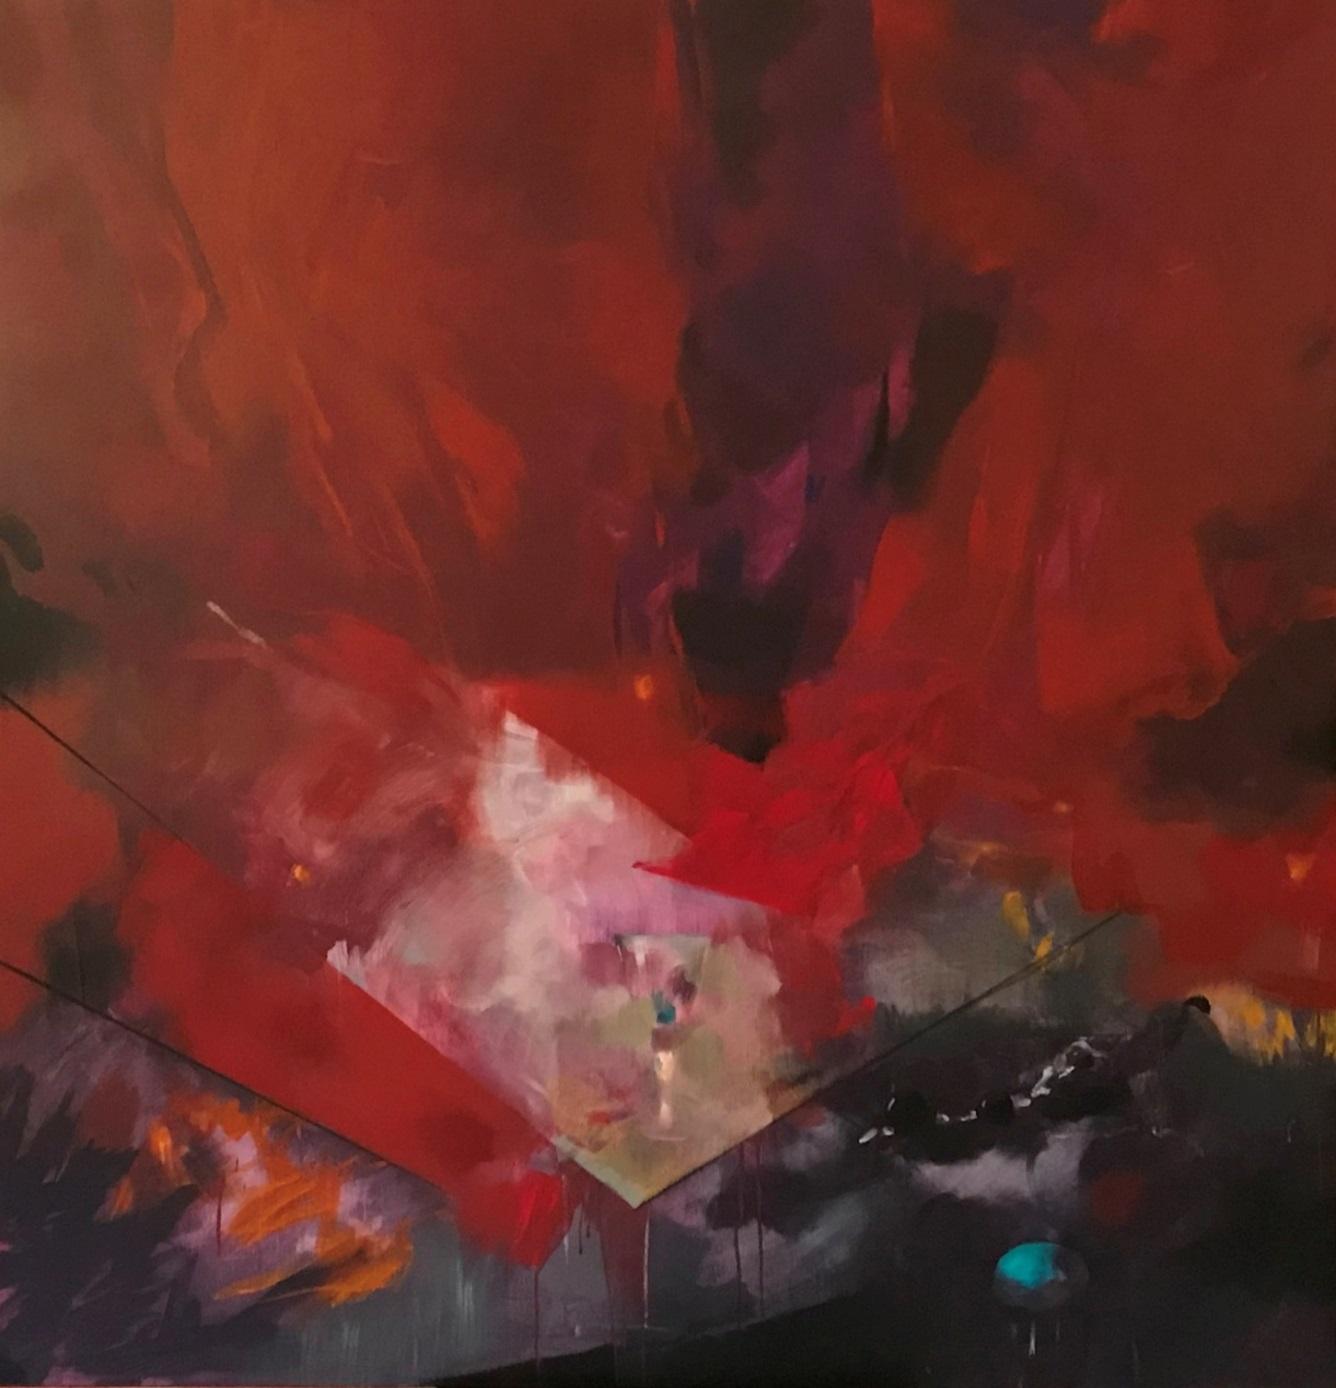 """Proyecto OPERAS """"Mirada sobre la libertad a través de la Opera """" Acrílico sobre tela 150 x 150. 2018 (2018) - Montserrat Clausells"""